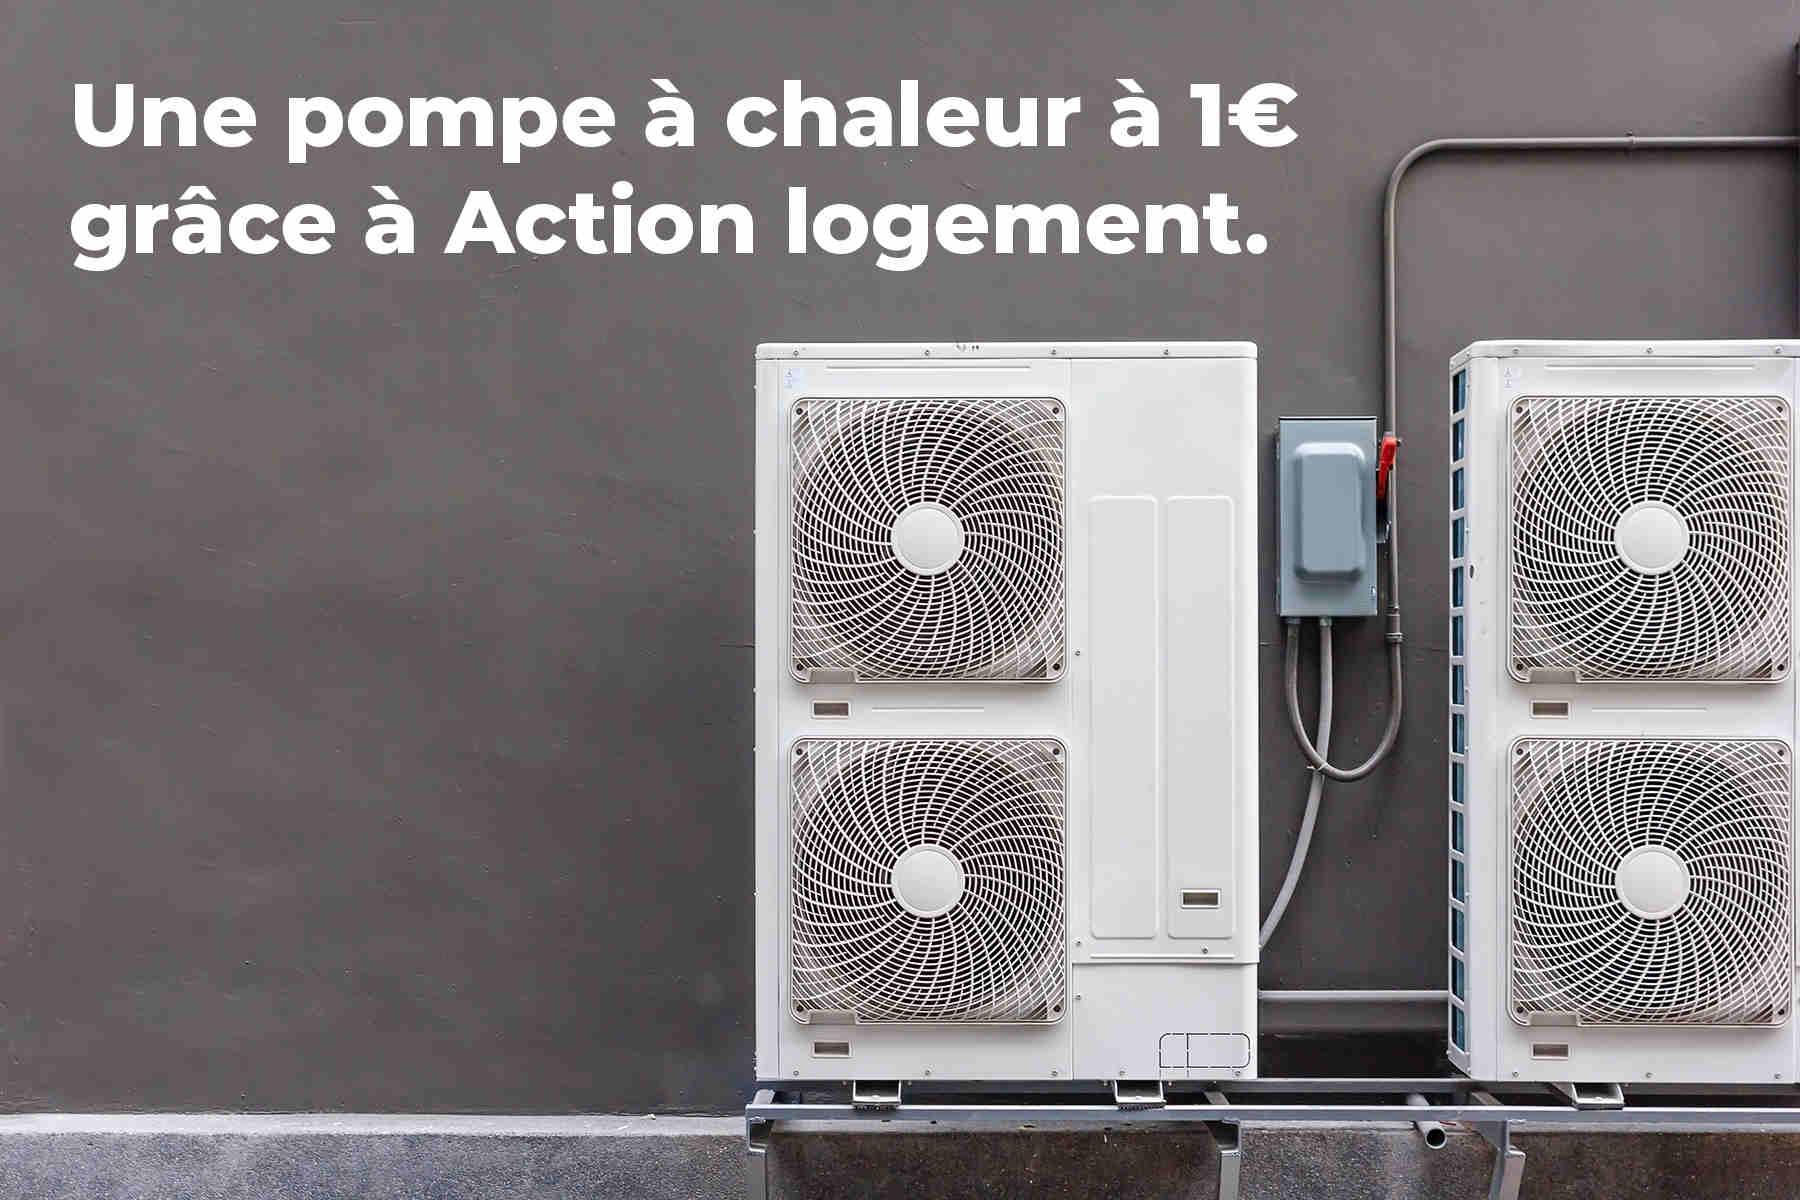 Une Pompe à chaleur à 1€, installation incluse, c'est possible grâce à l'aide Action Logement !